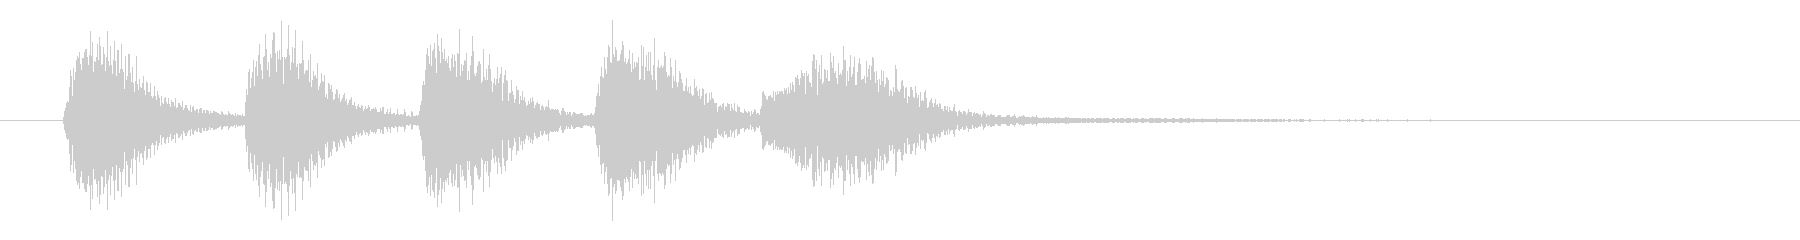 ピアノ/発表・疑問提起・軽快なサウンドの未再生の波形